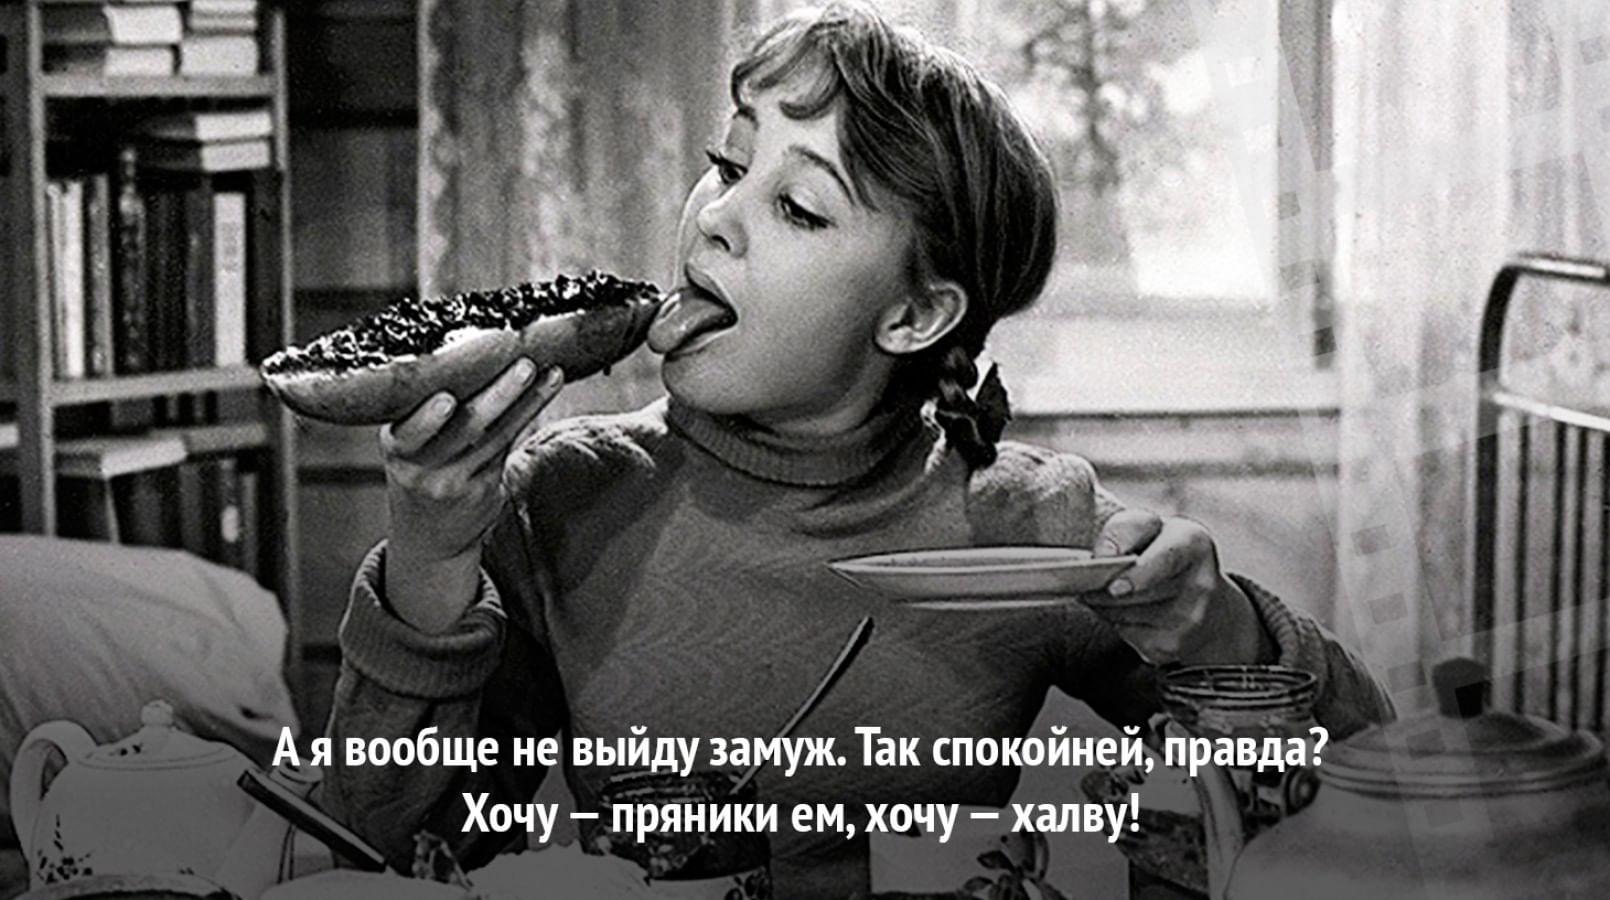 Устроить себе праздник живота, как героиня Румянцевой в фильме «Девчата».